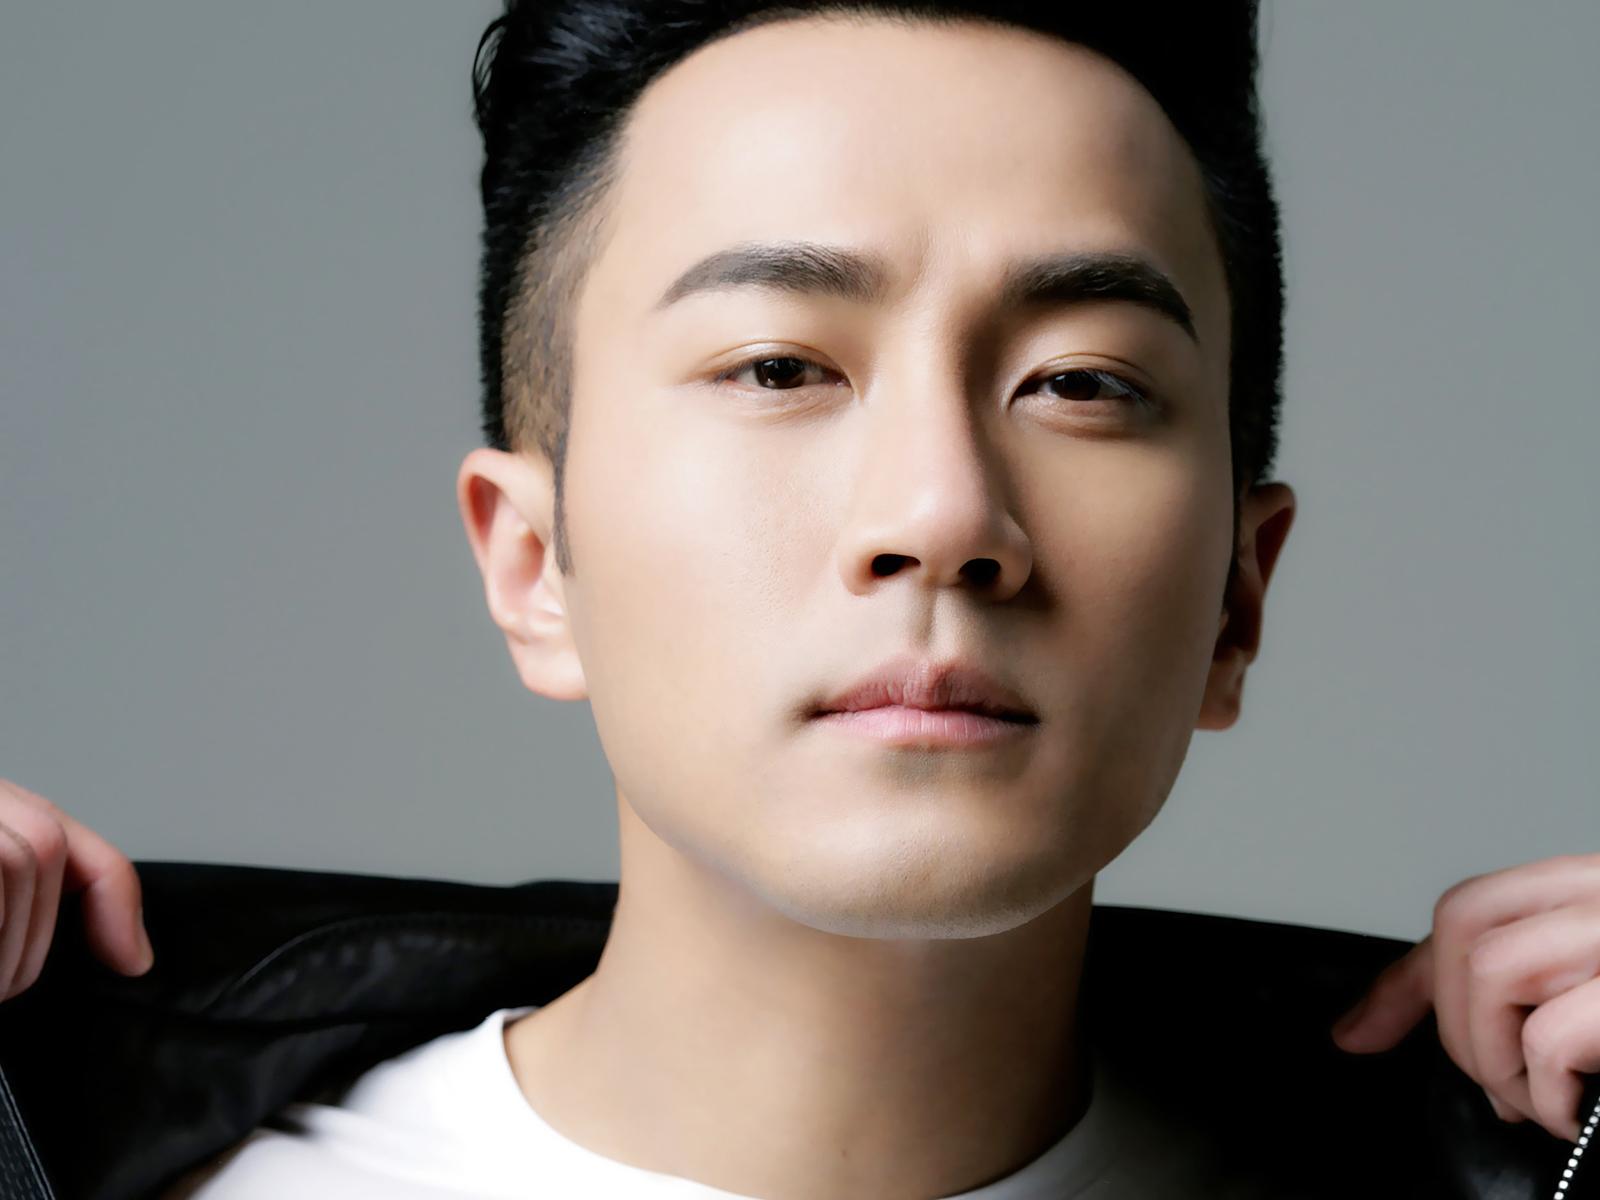 娱乐圈有 小鸡嘴 的男星,吴彦祖,鹿晗上榜,你还知道谁